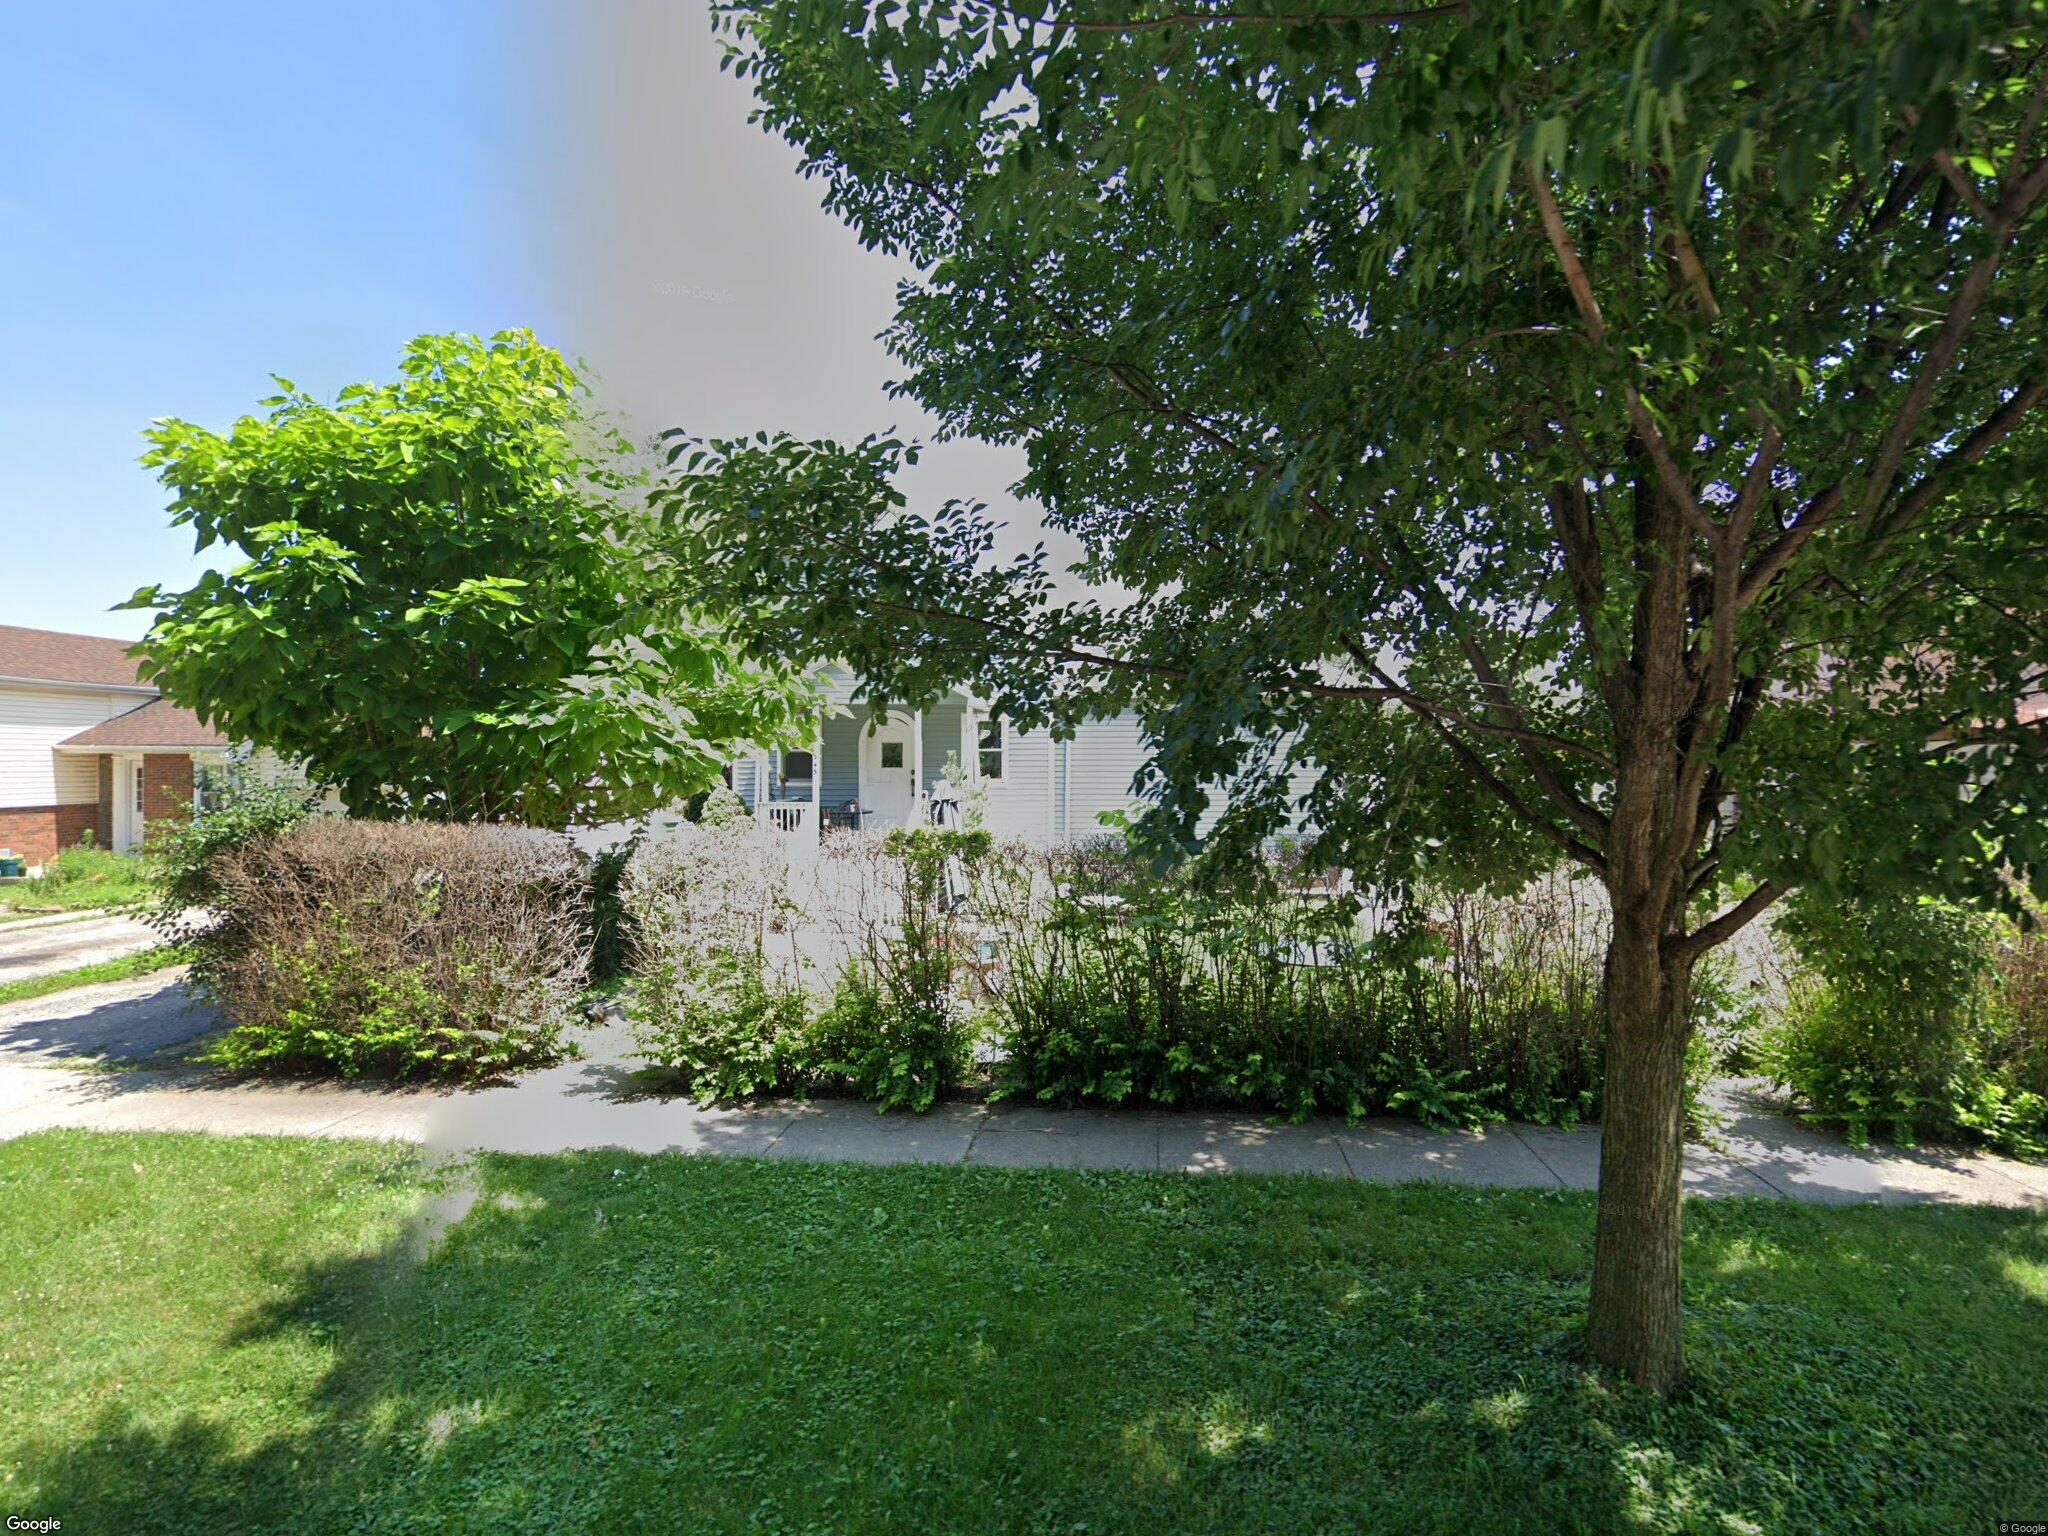 345 S Mason St Bensenville Il 60106 Foreclosure Trulia